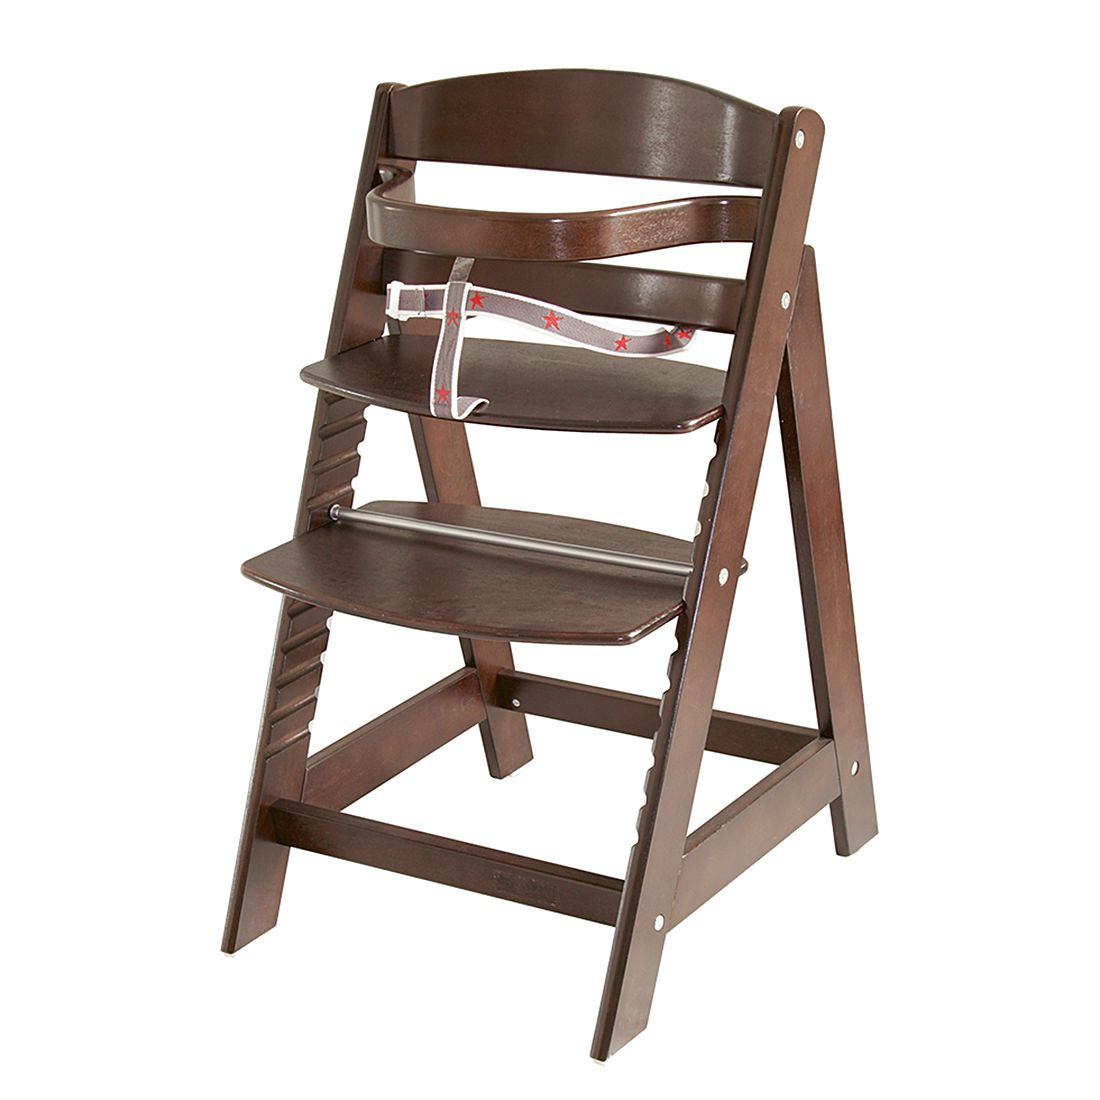 treppenhochstuhl farbe preisvergleich die besten angebote online kaufen. Black Bedroom Furniture Sets. Home Design Ideas